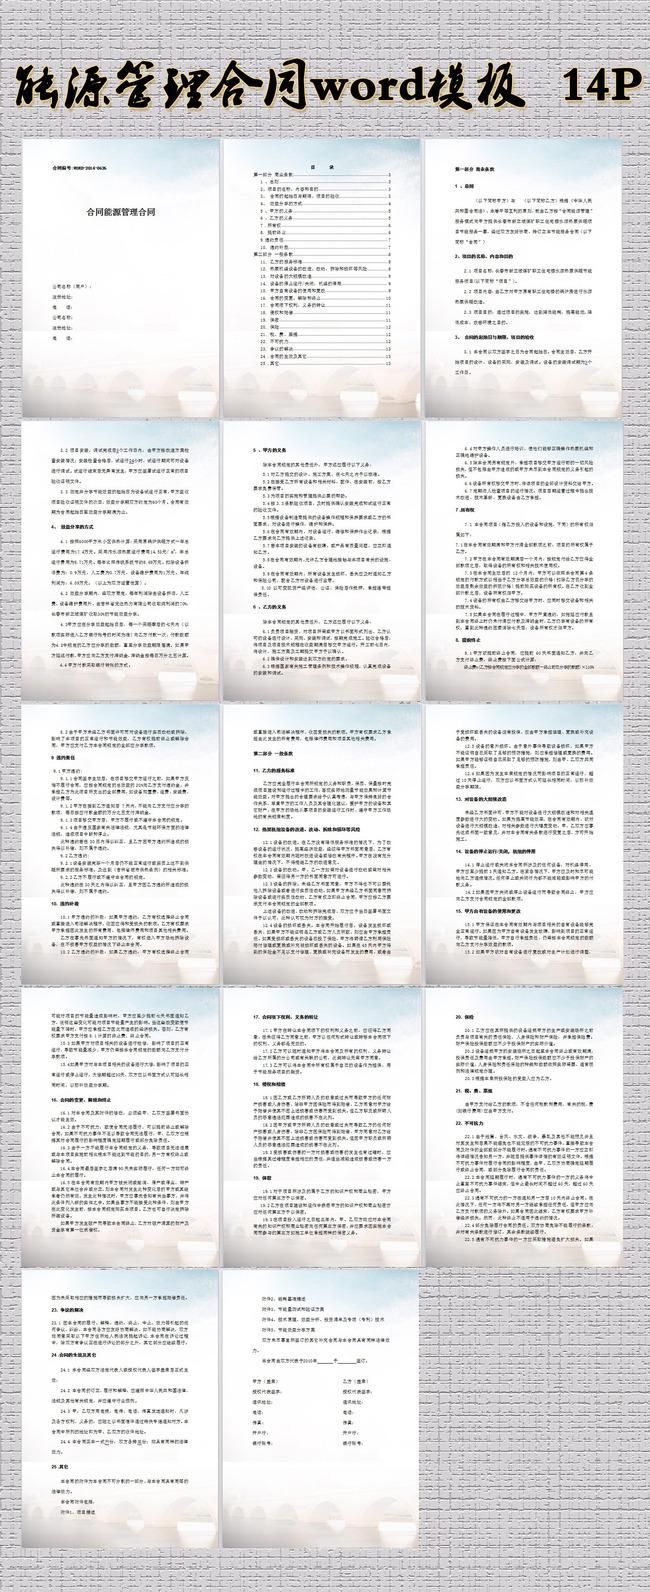 办公|ppt模板 word模板 应用文书 > 能源管理合同word模板  下一张&nb